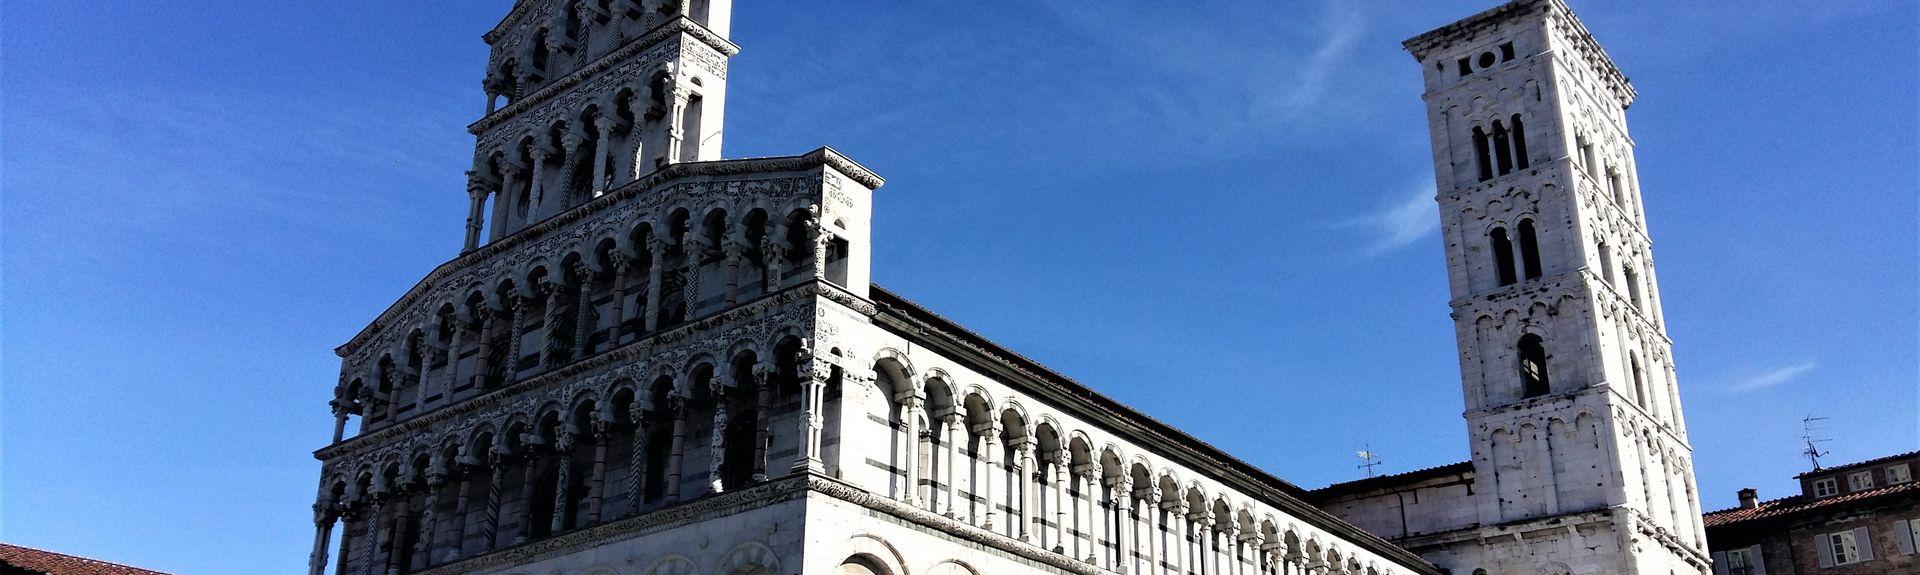 Gare de Tassignano-Capannori, Capannori, Toscane, Italie